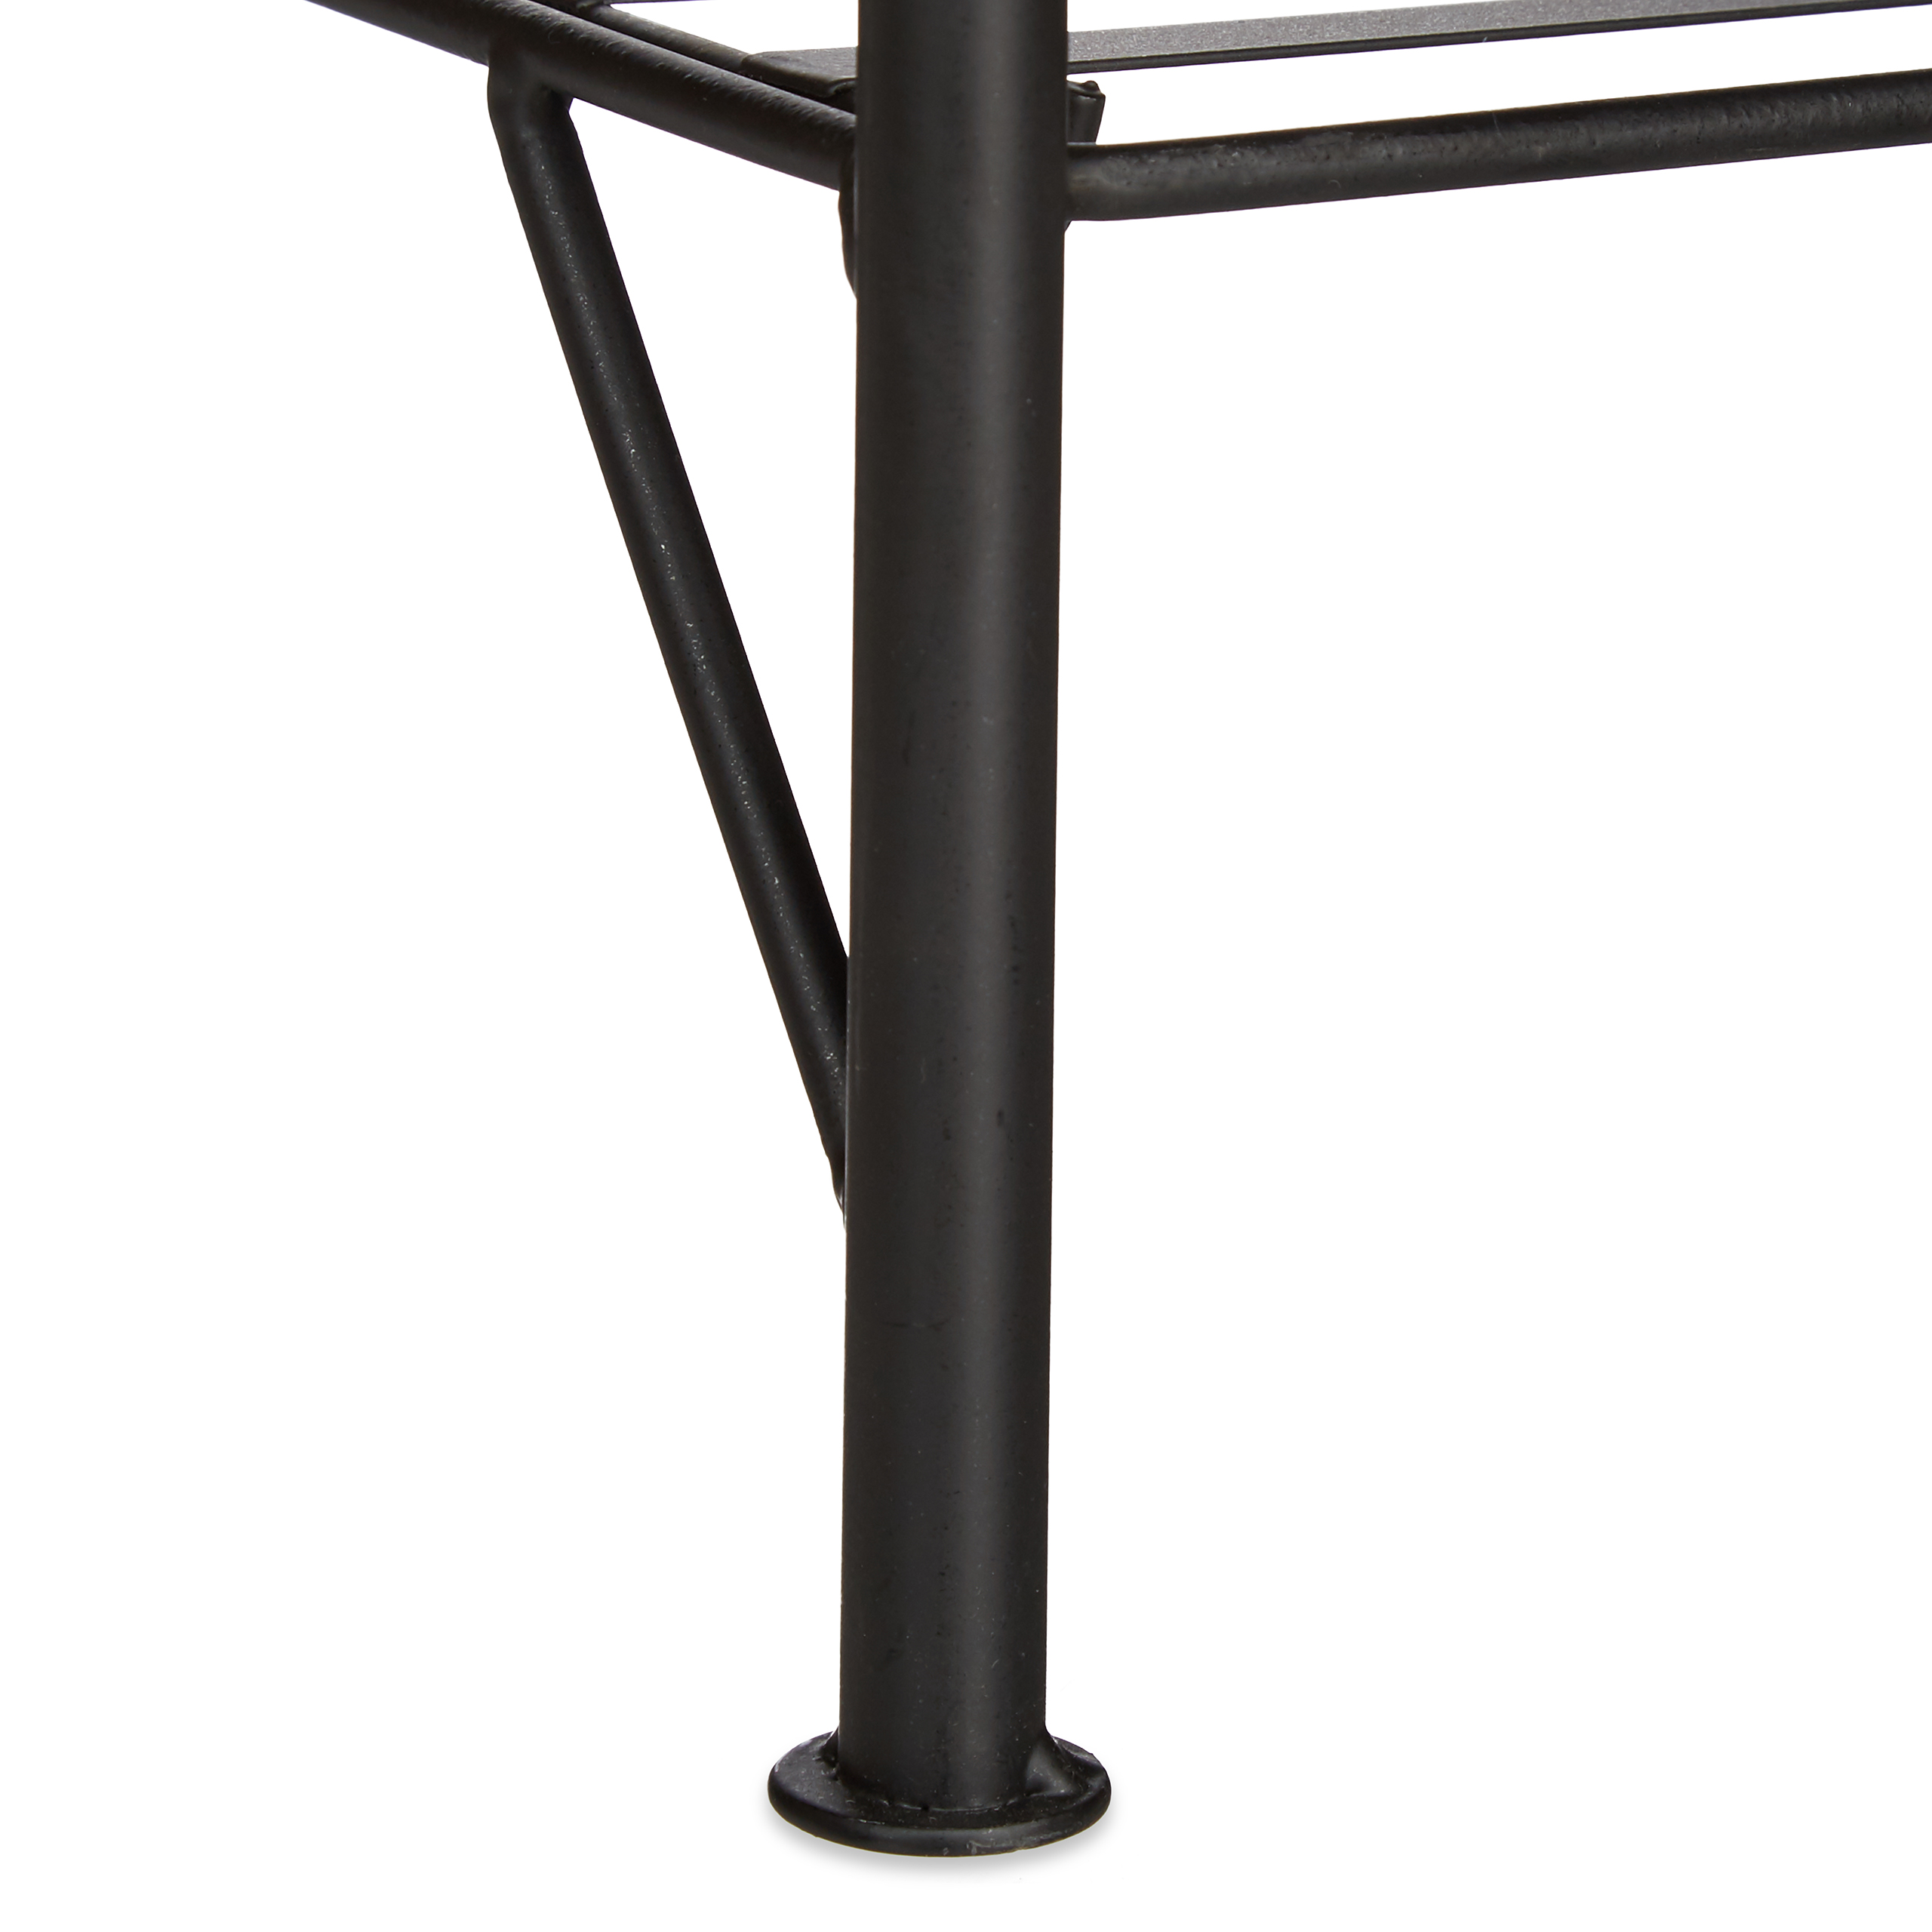 blumenregal metall 4 ablagen blumenbank pfanzenregal. Black Bedroom Furniture Sets. Home Design Ideas